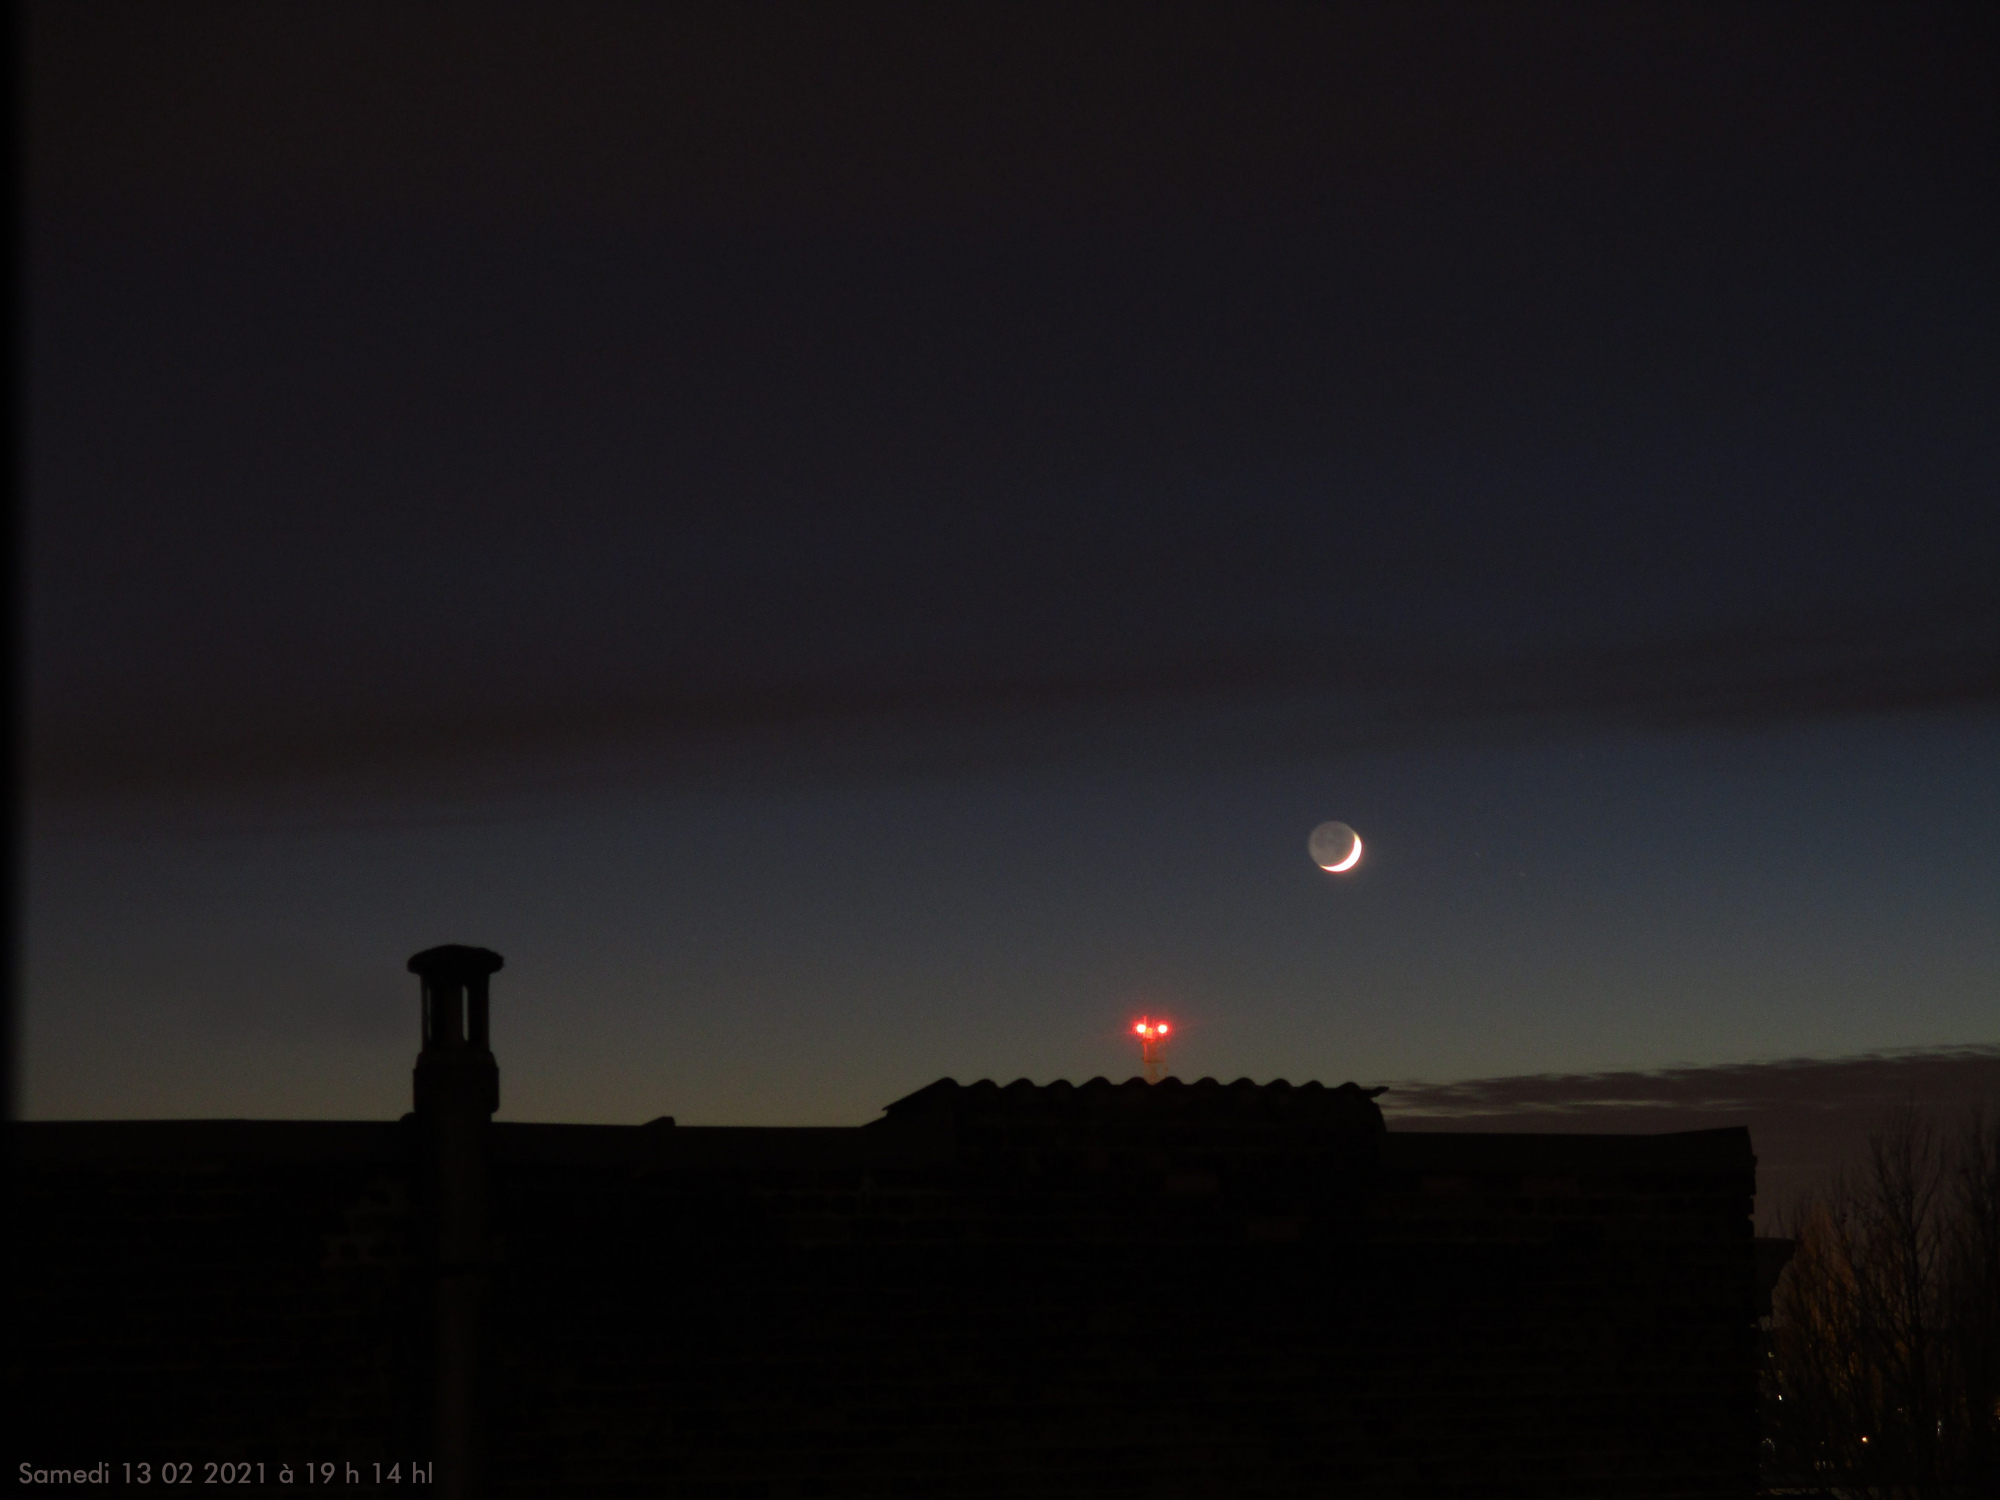 Lune cendrée du 13 fev 2021 web.jpg